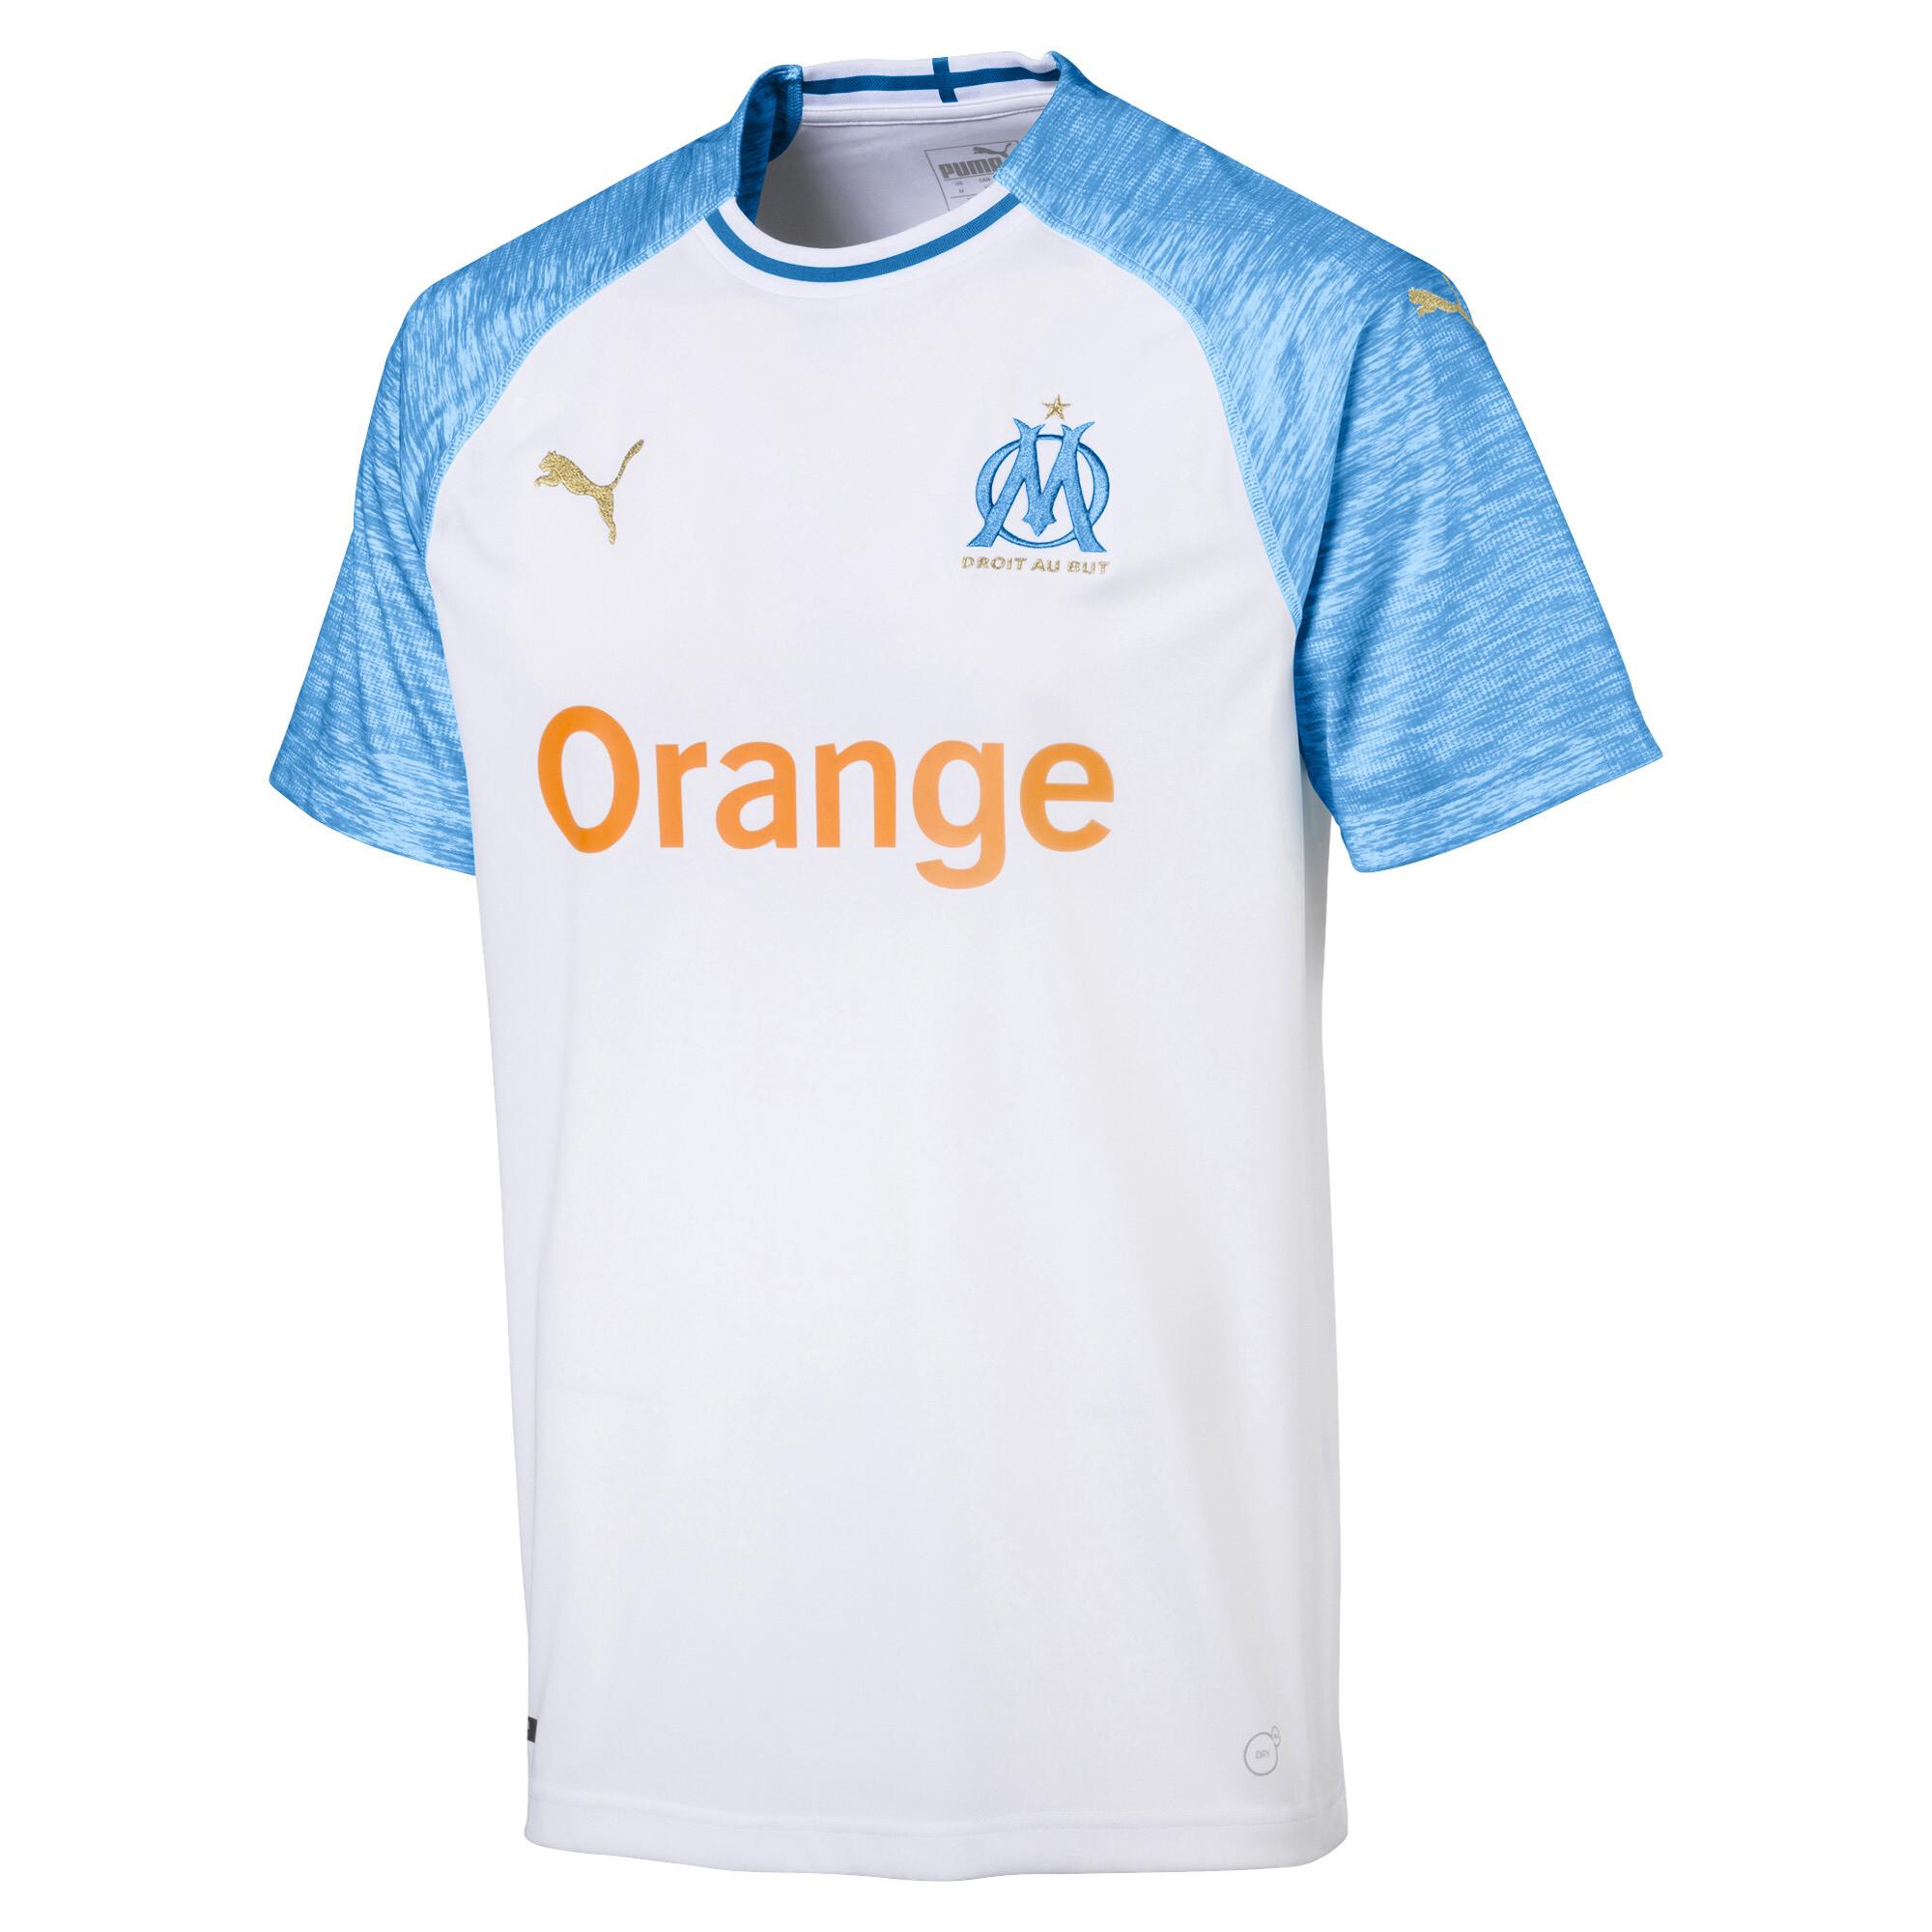 Indexbild 8 - PUMA Olympique de Marseille Herren Replica Heimtrikot Männer Fußballtrikot Neu